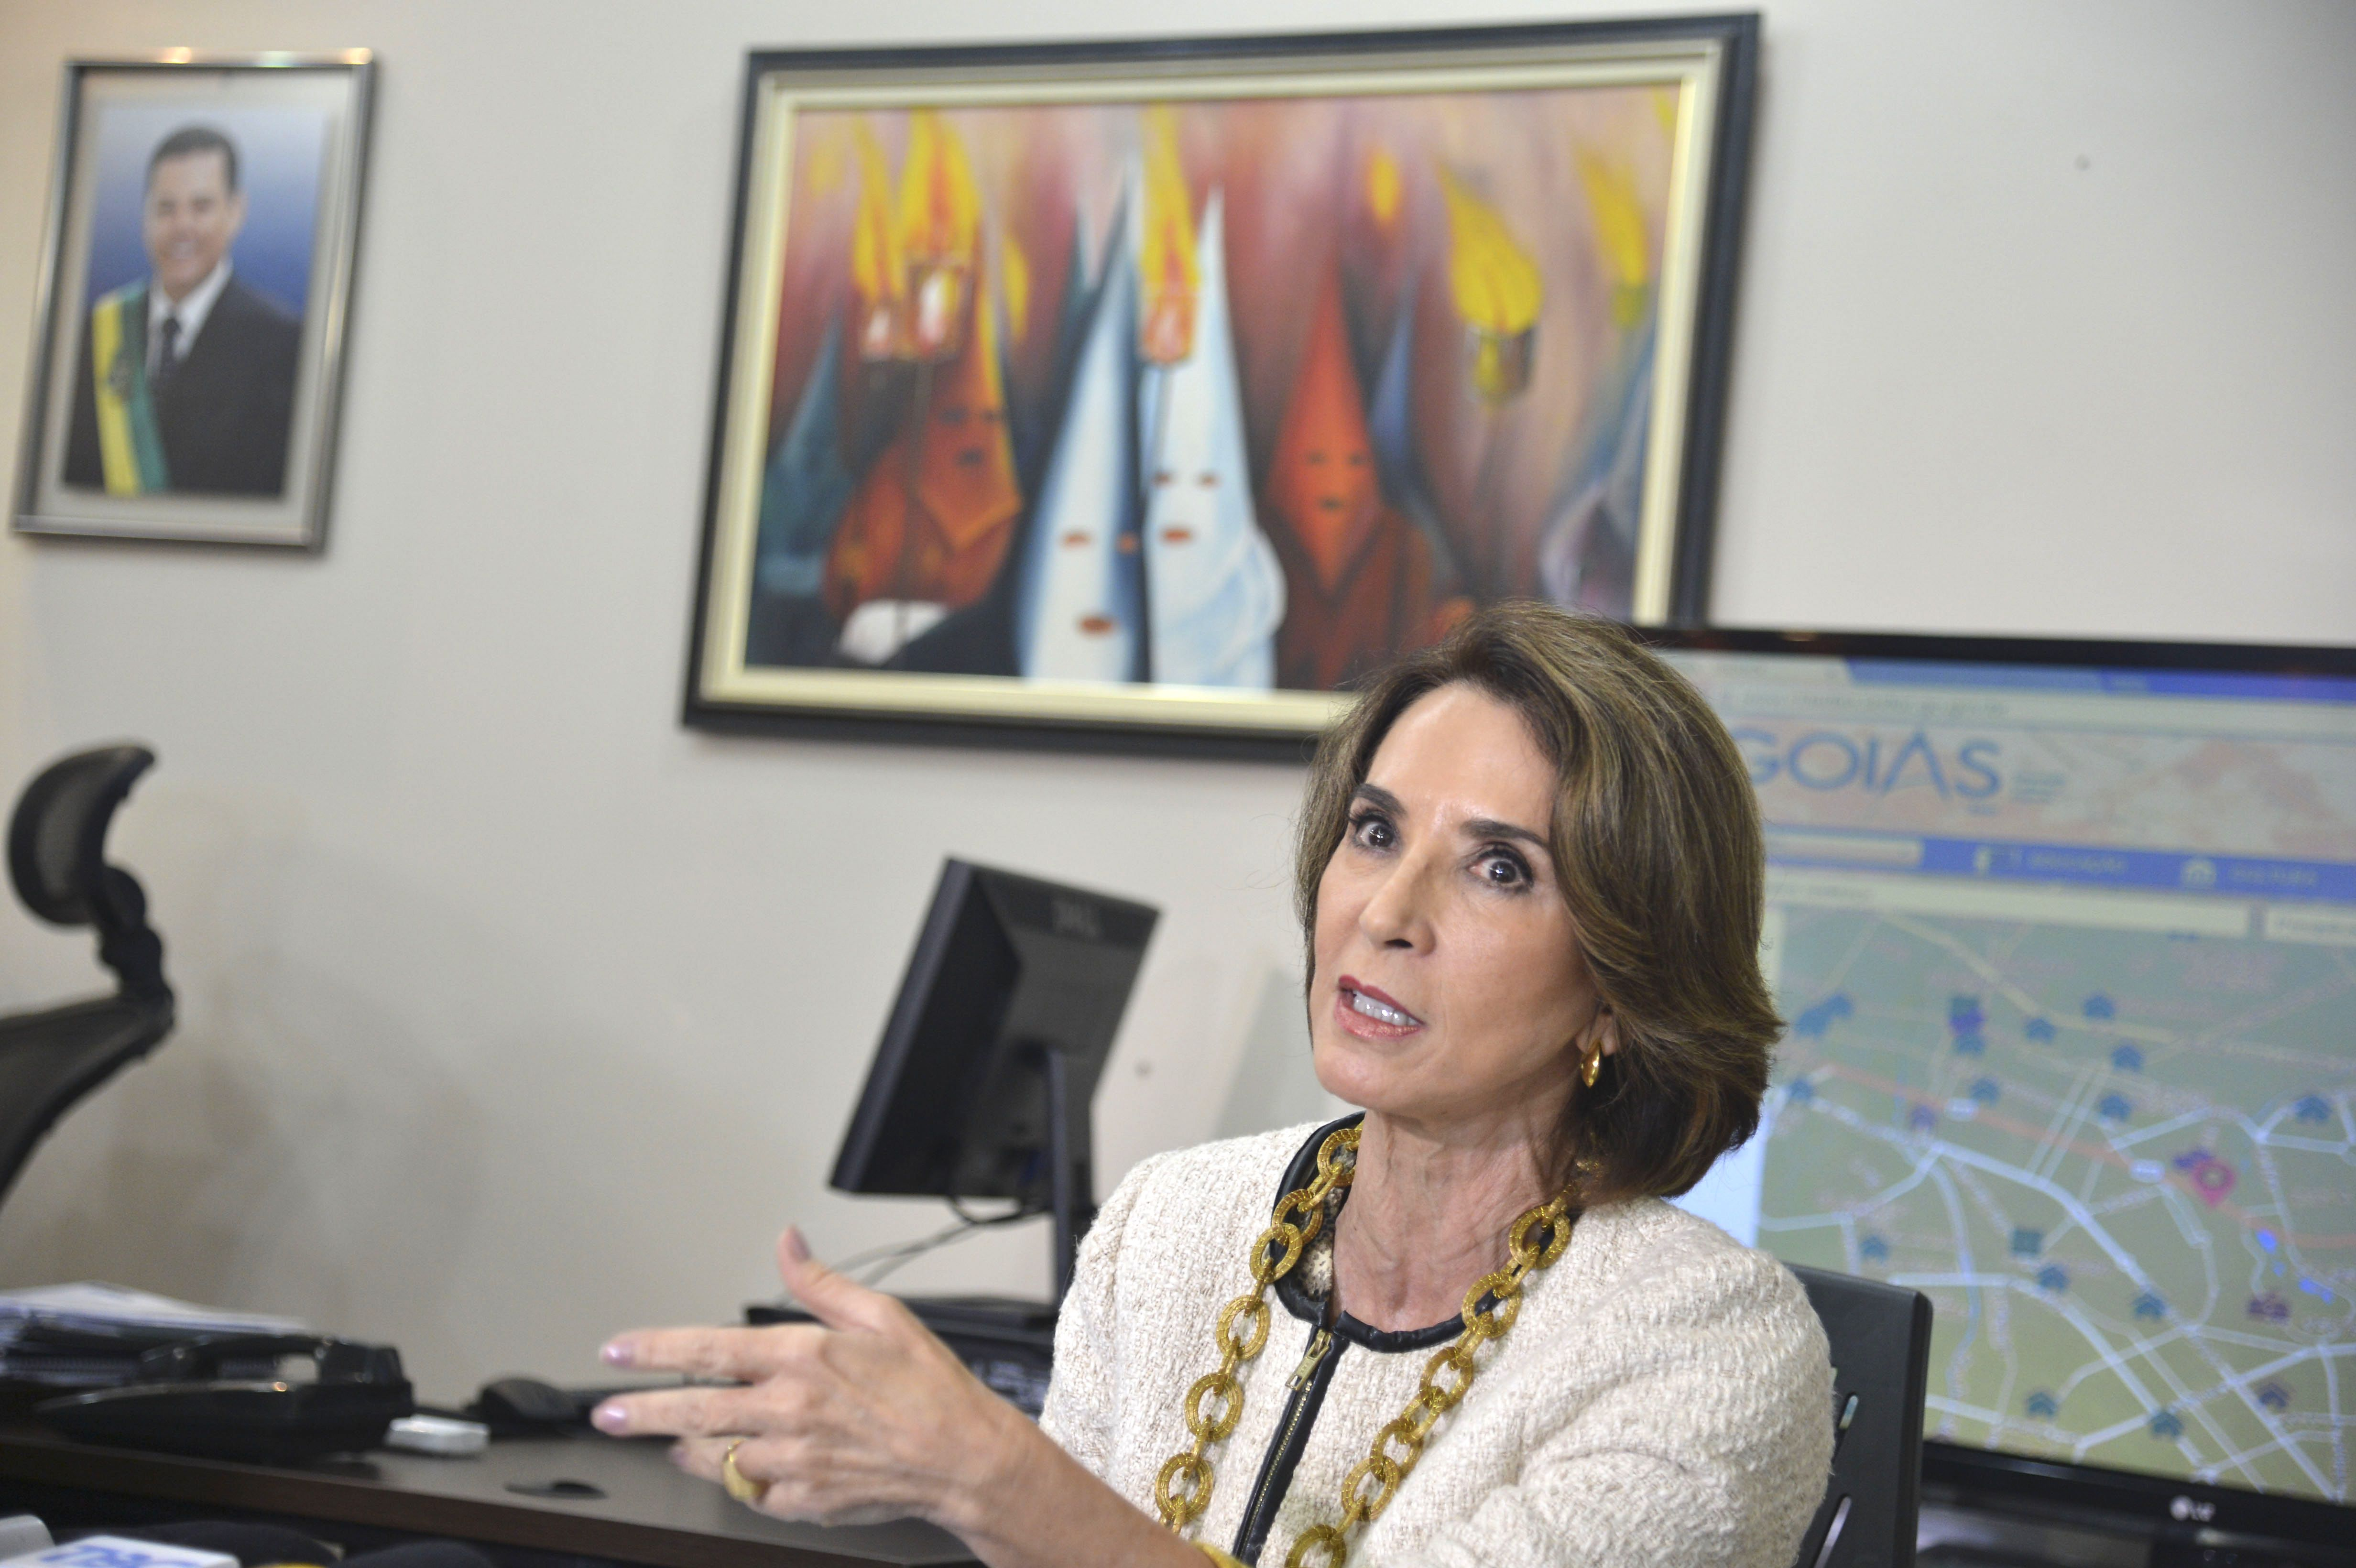 A secretária de Educação de Goiás, Raquel Teixeira. Foto: Valter Campanato/Agência Brasil